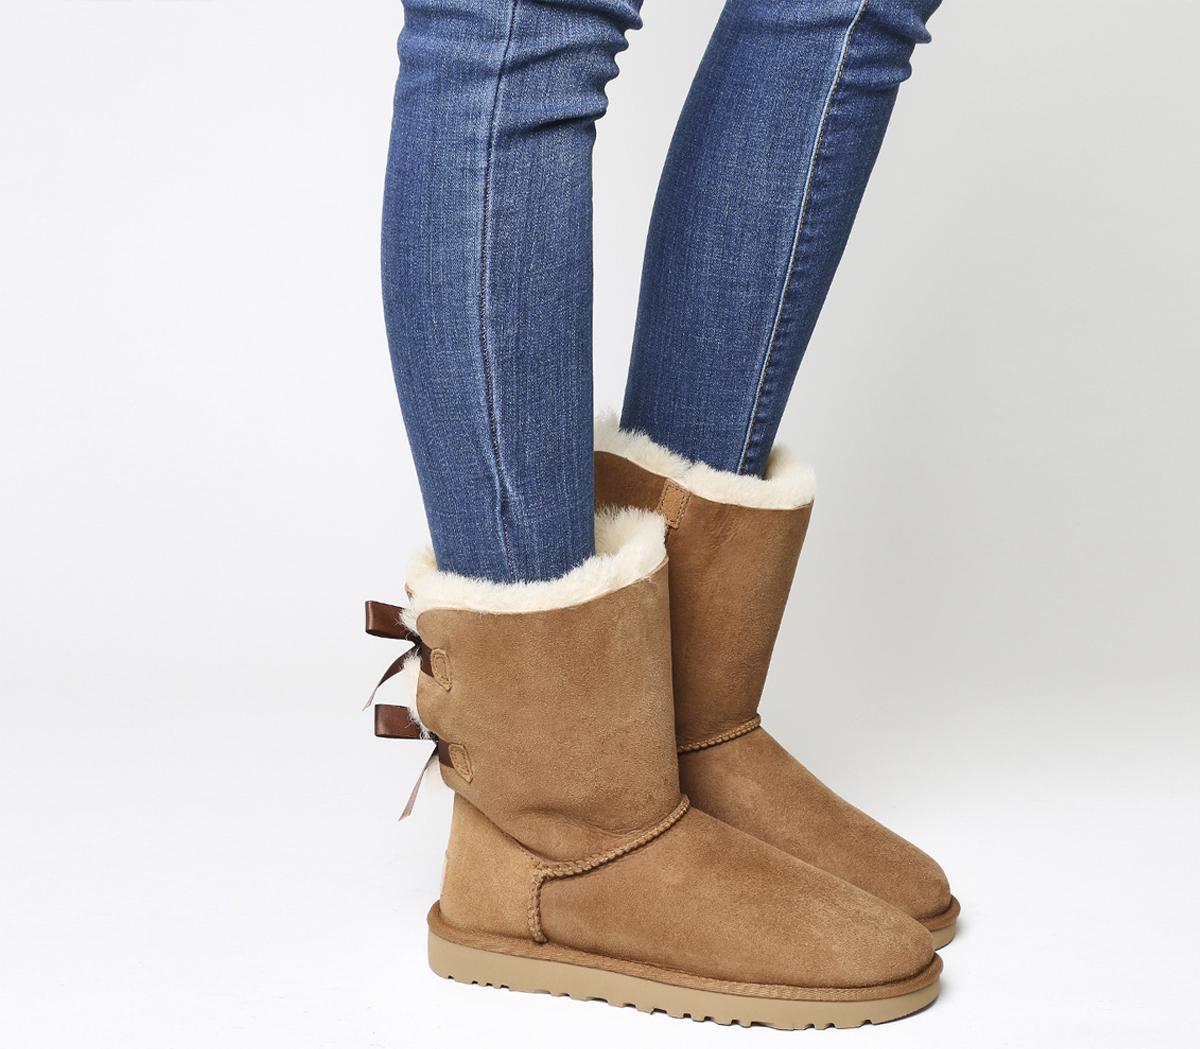 Bailey Bow II Calf Boots